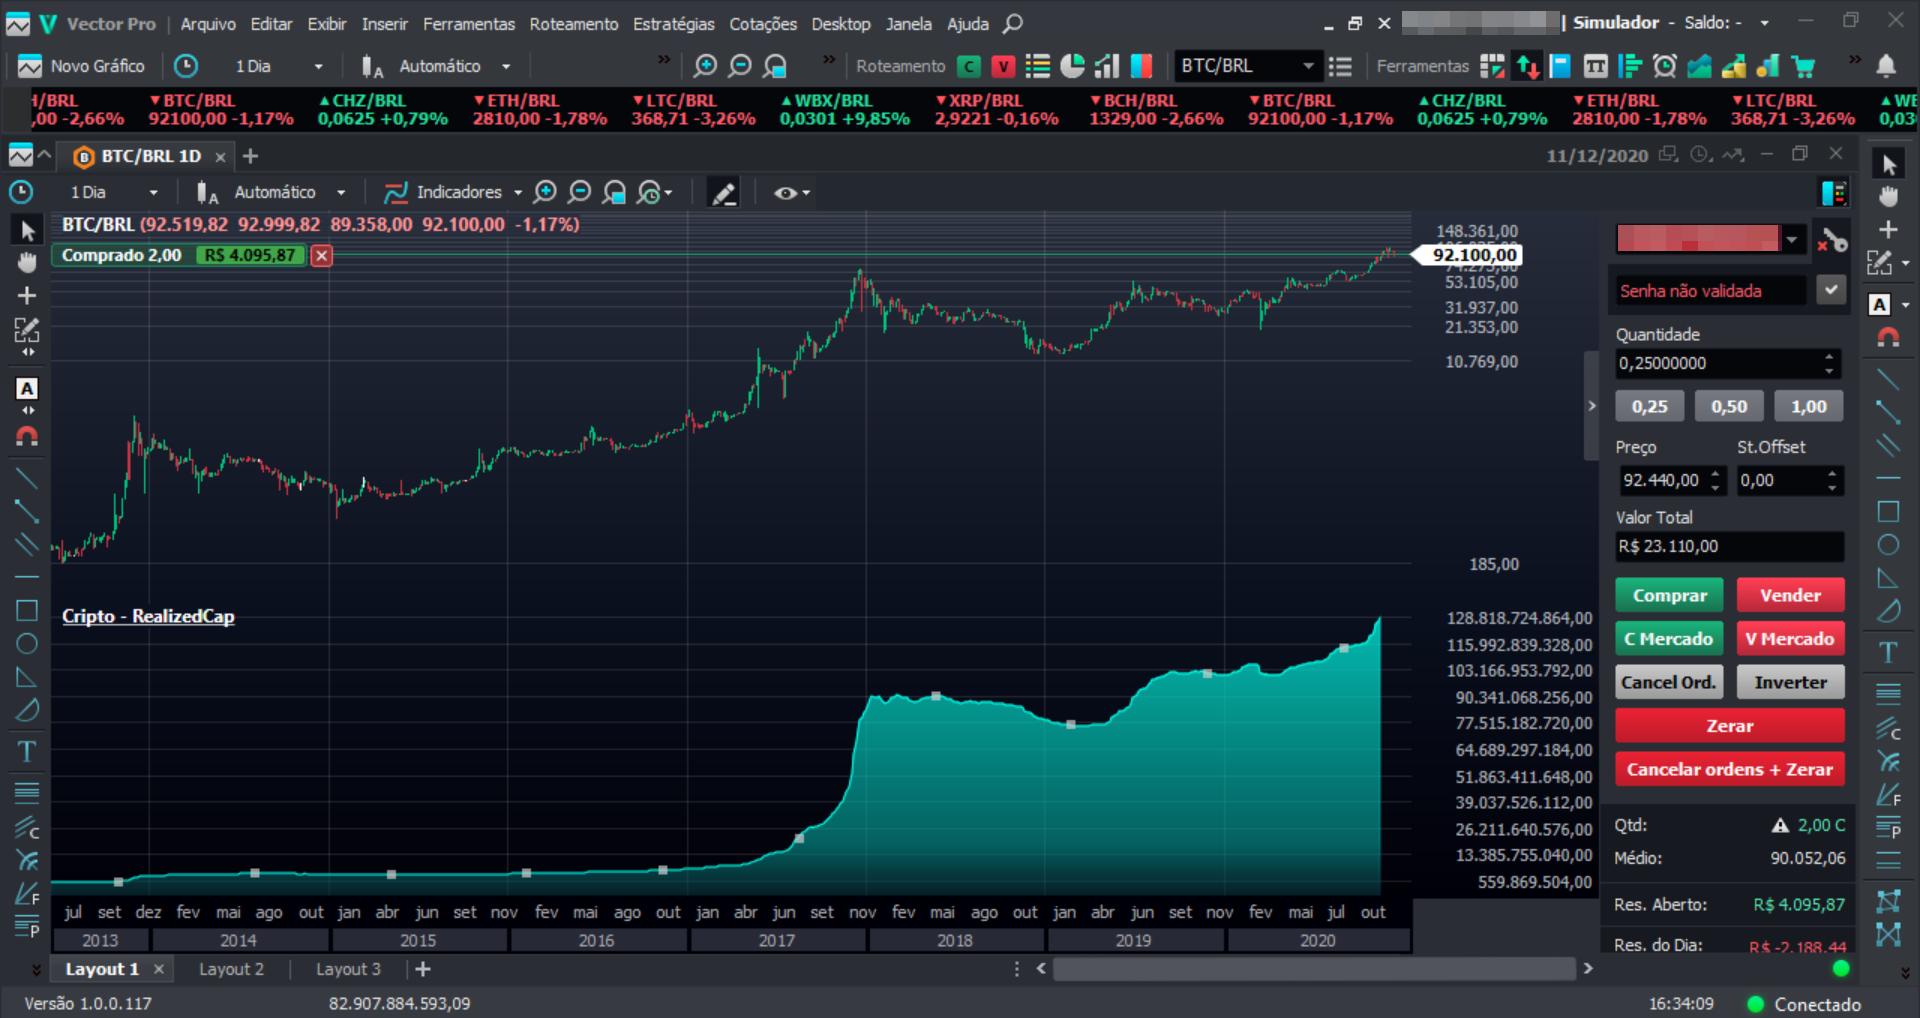 Gráfico Preço X Realized Value Bitcoin